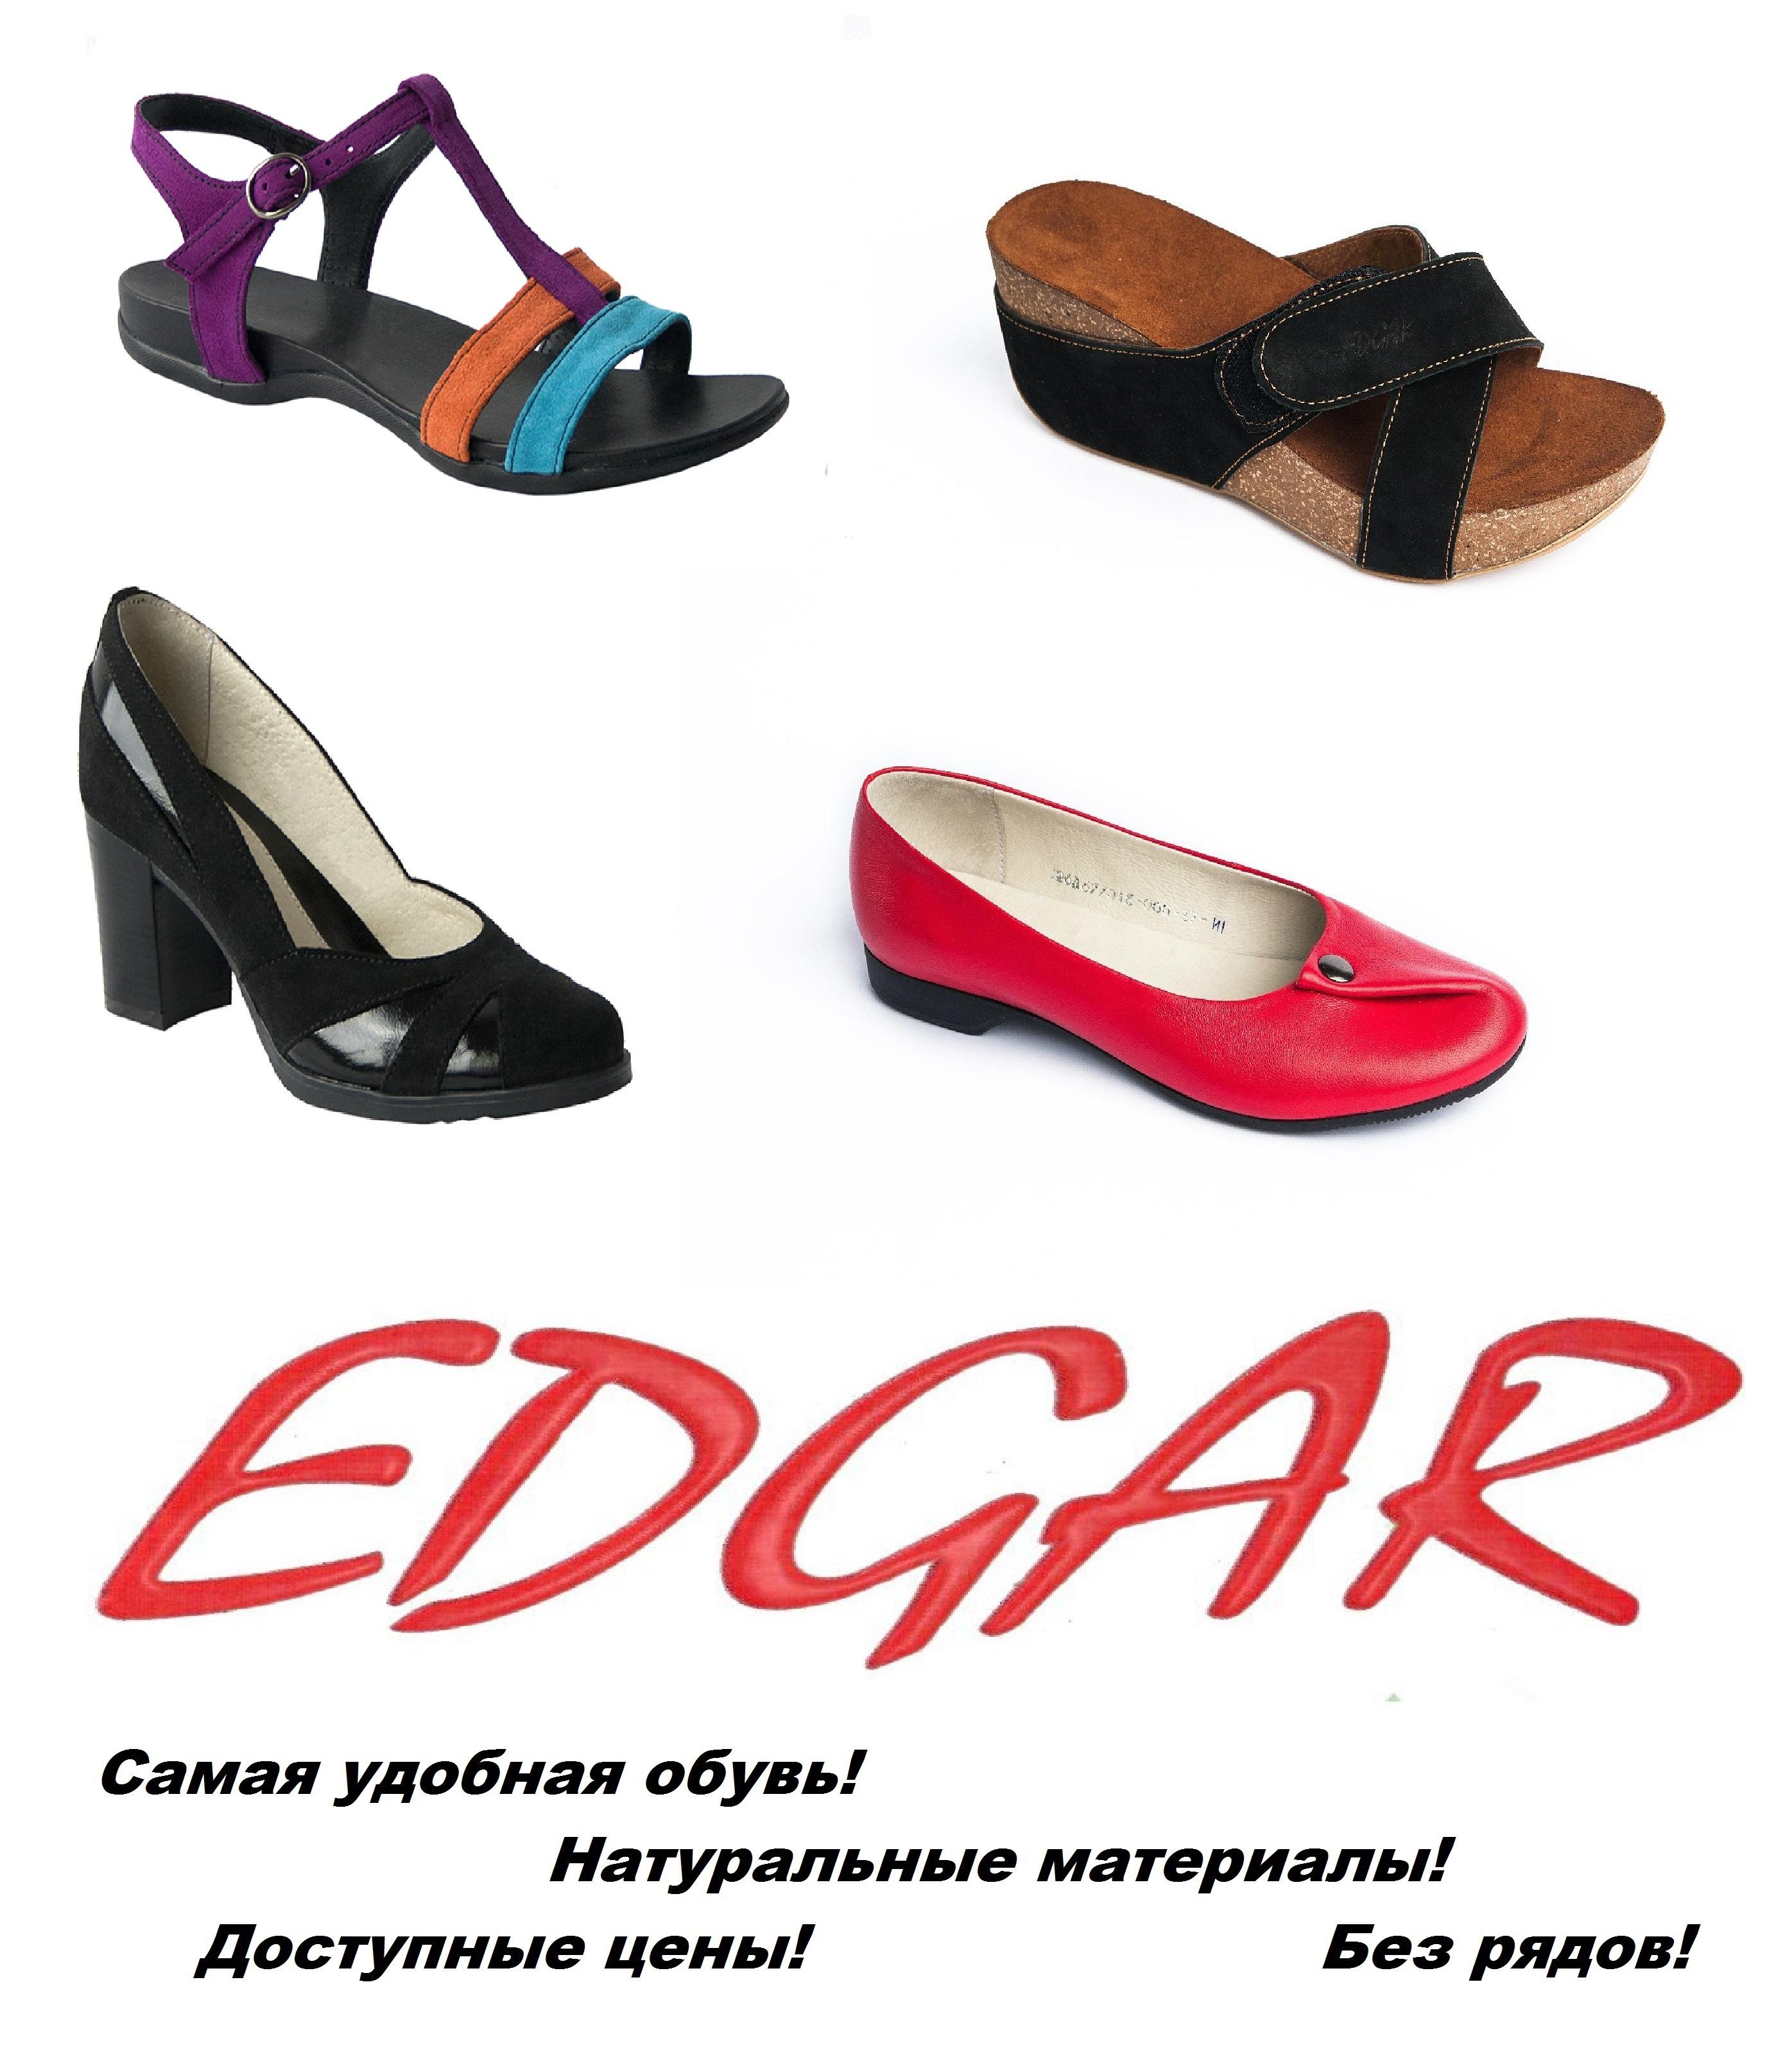 Сбор заказов.Самая удобная обувь-любимый бренд Эdг@р.Натуральные материалы.Доступные цены!Без рядов!